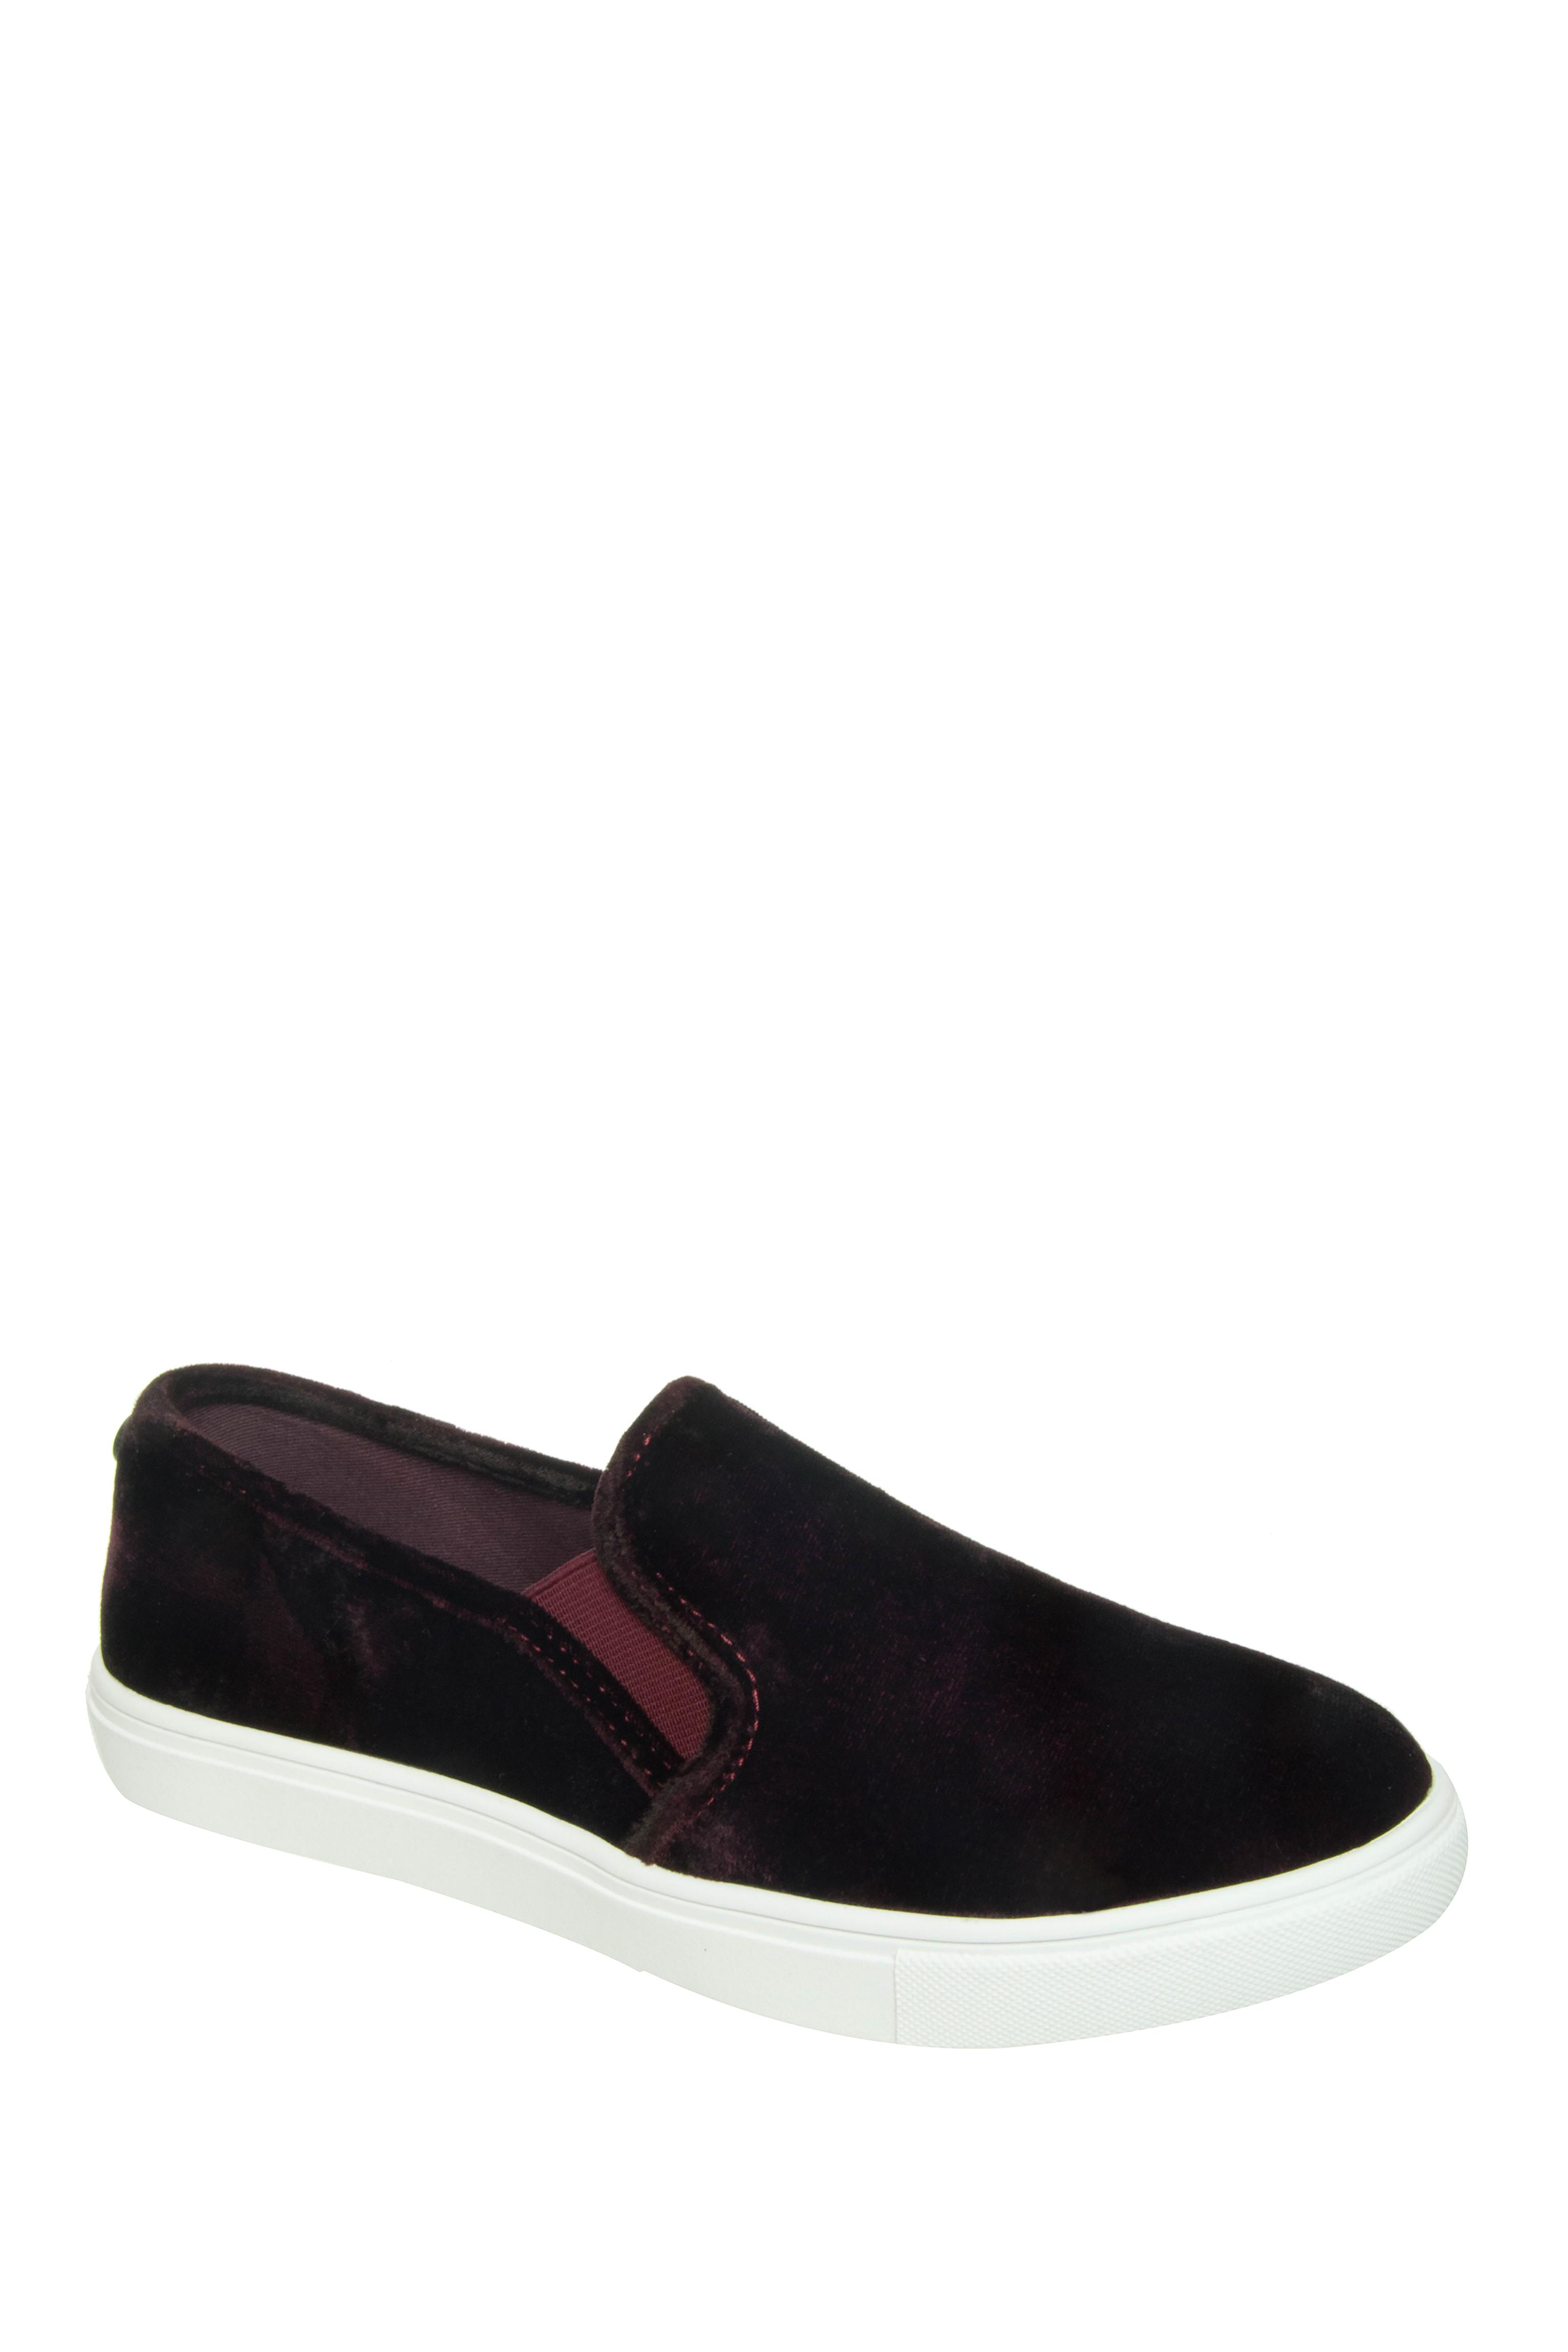 Steve Madden ECNTRCV Slip-On Sneakers - Burgundy Velvet